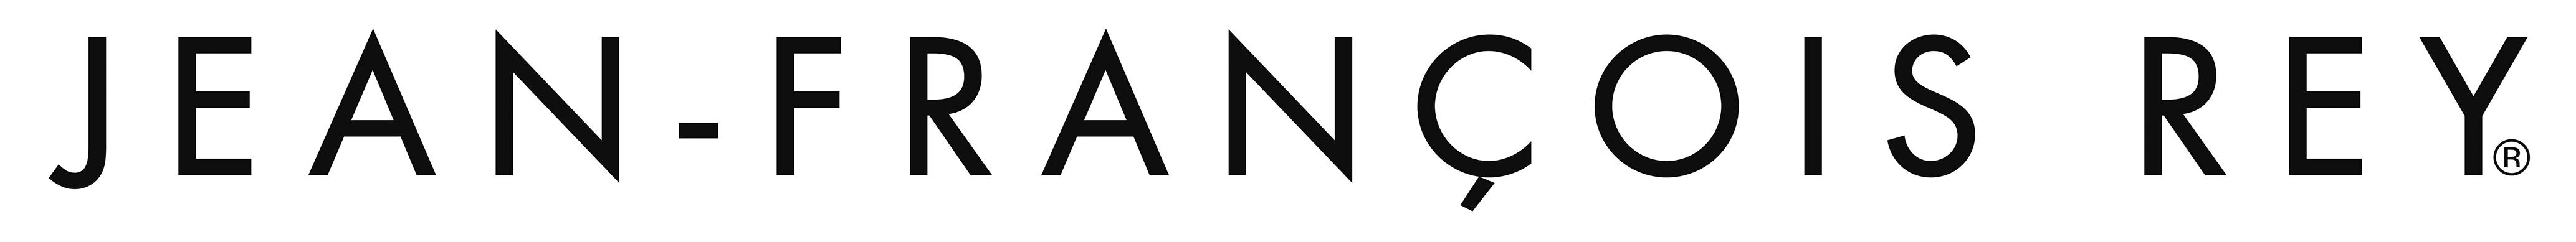 JEAN-FRANCOIS REY blk BOLD BANNER